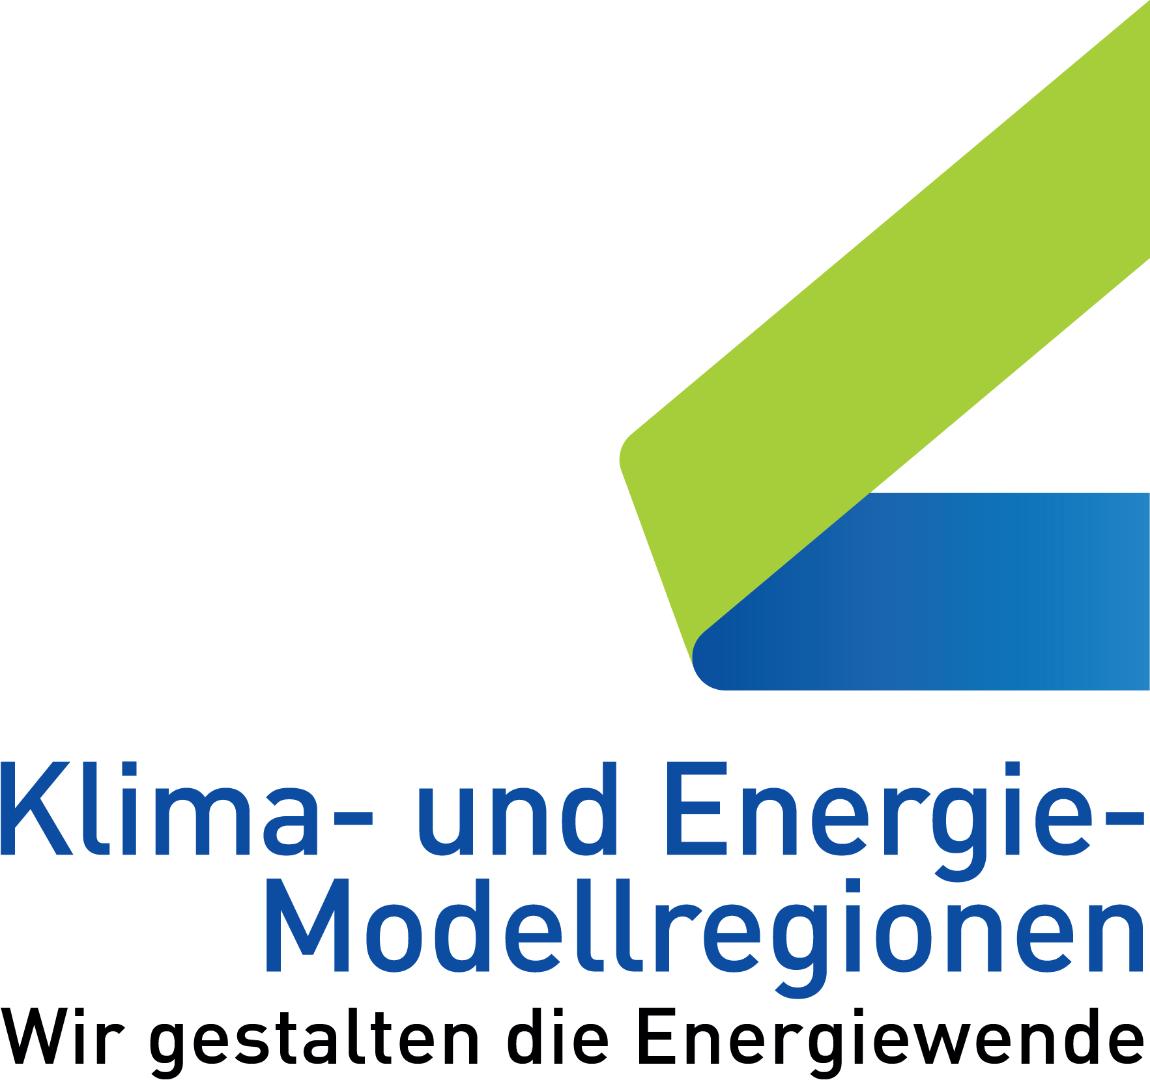 Klima und Energiemodellregion - logo3zeiligunten300ppi.png